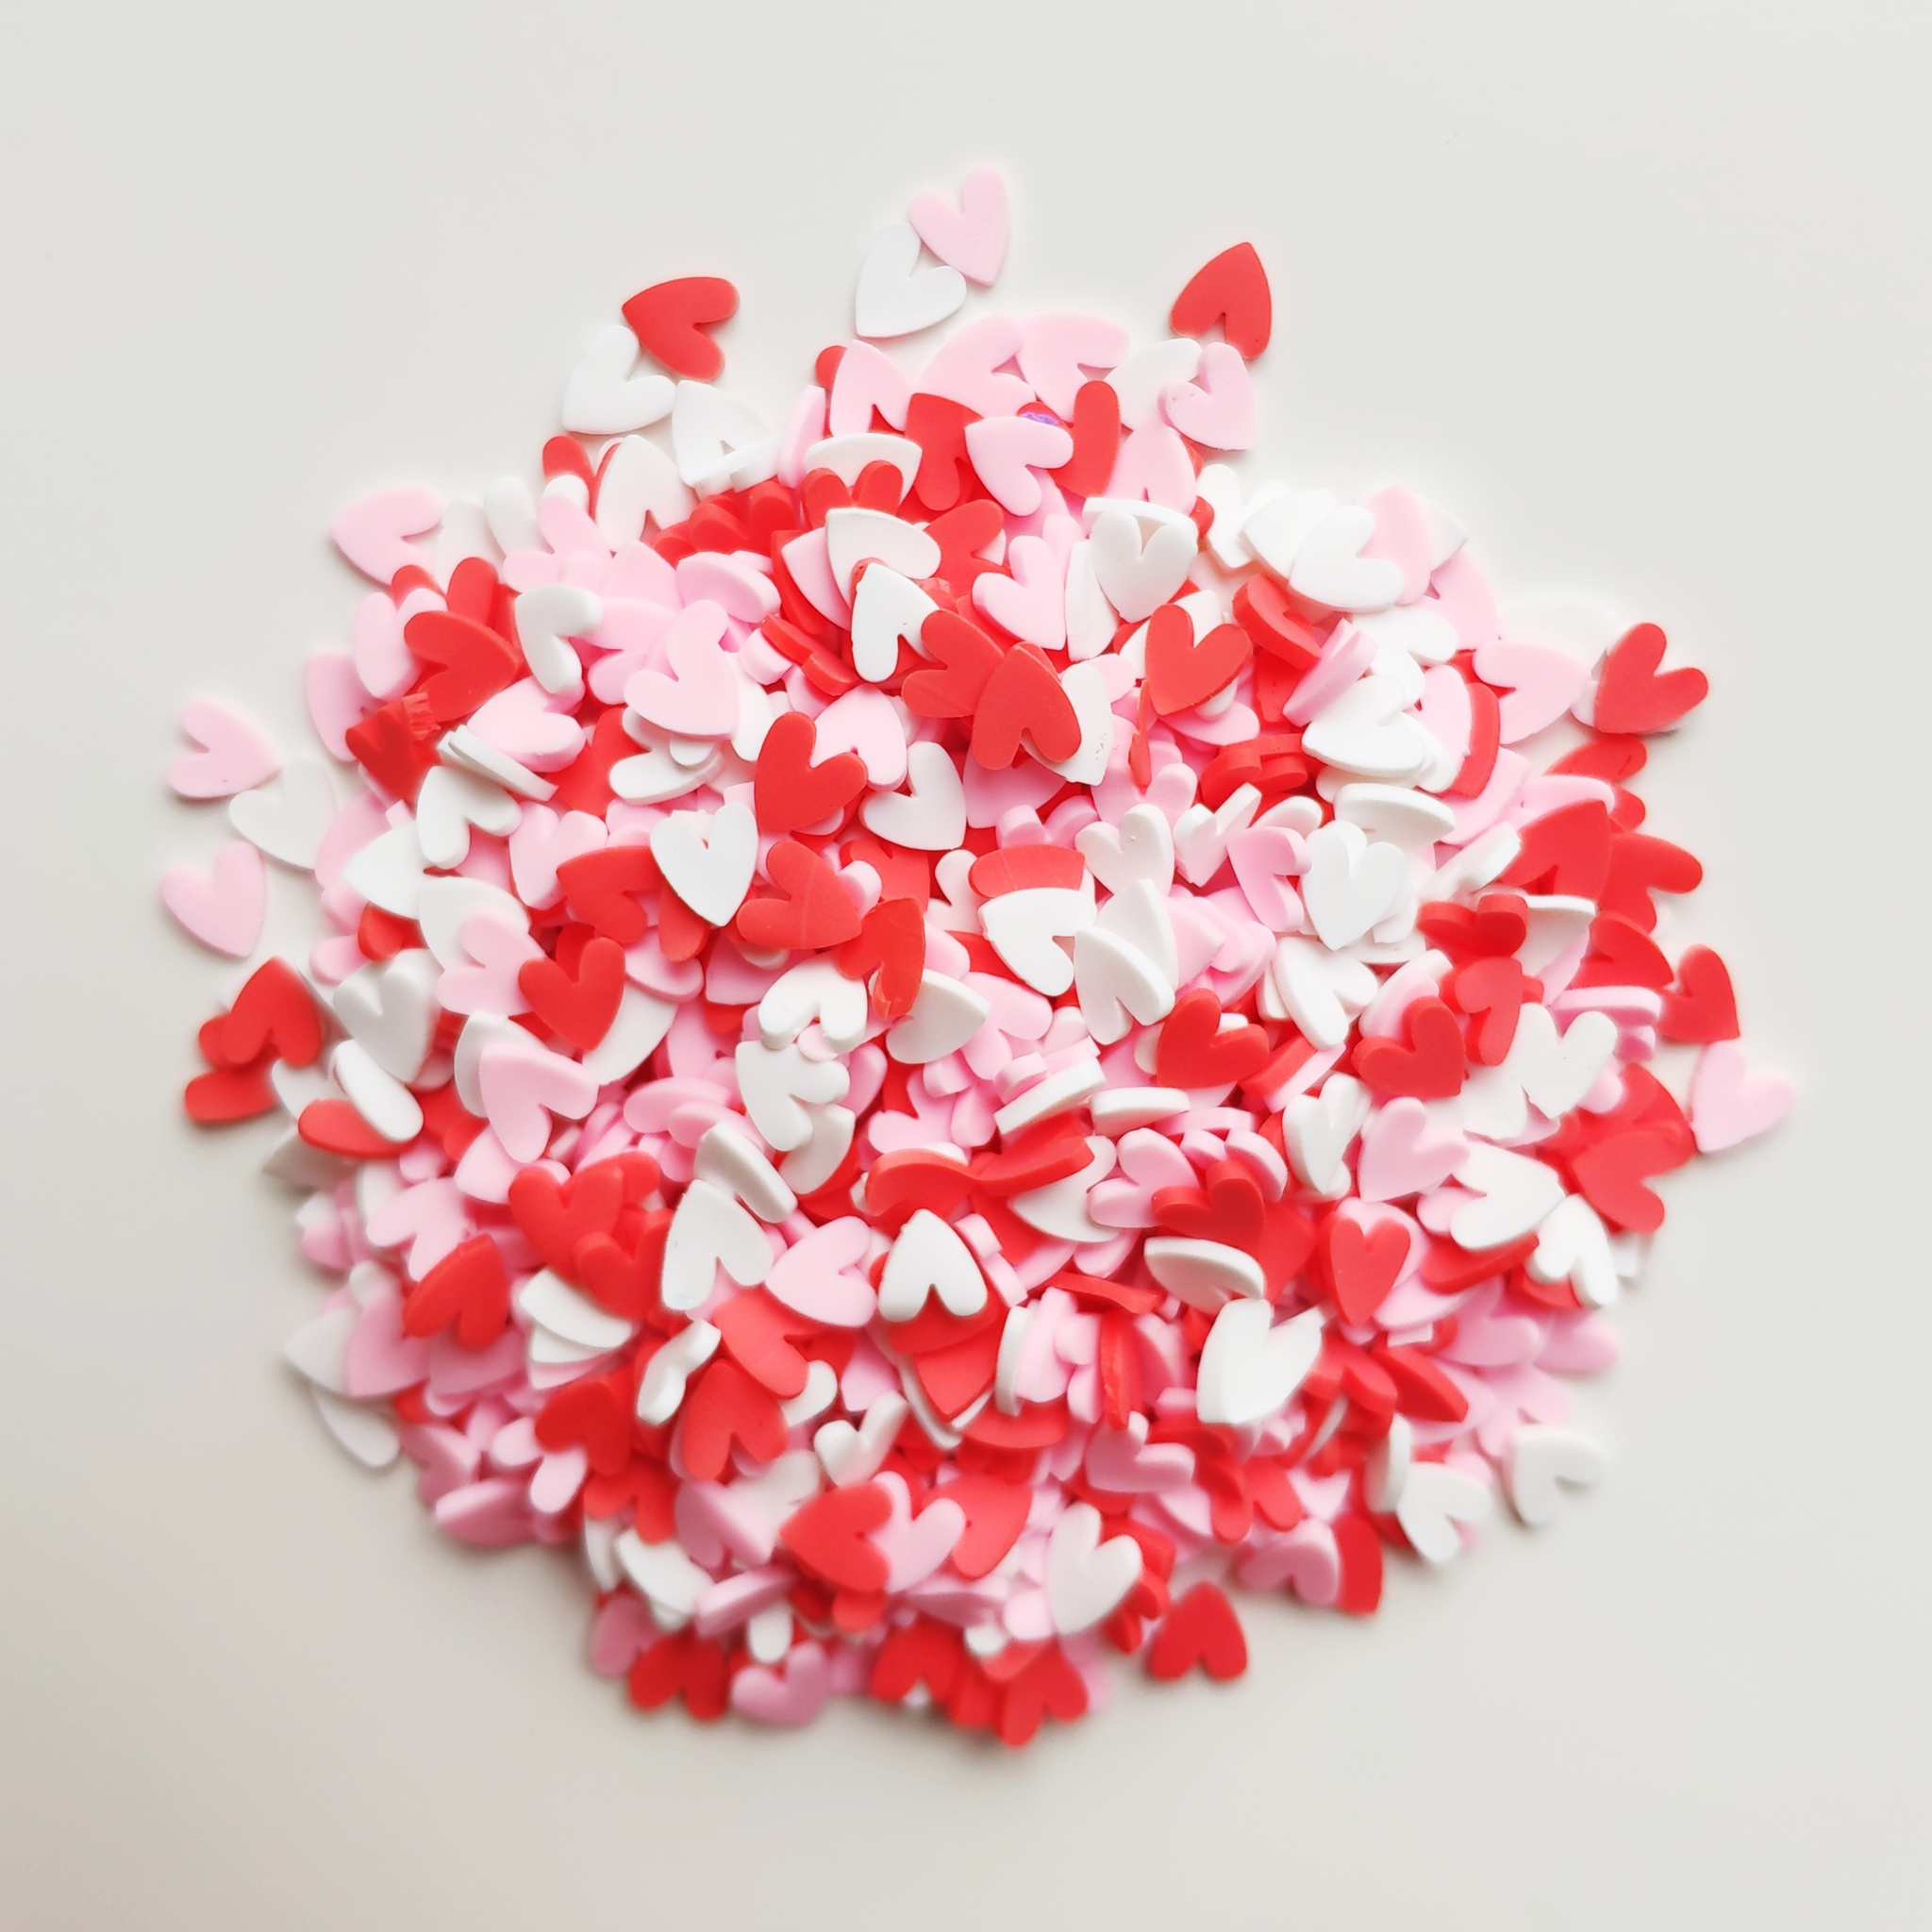 Посыпка для слайма сердечки розовые + красные 30 мл